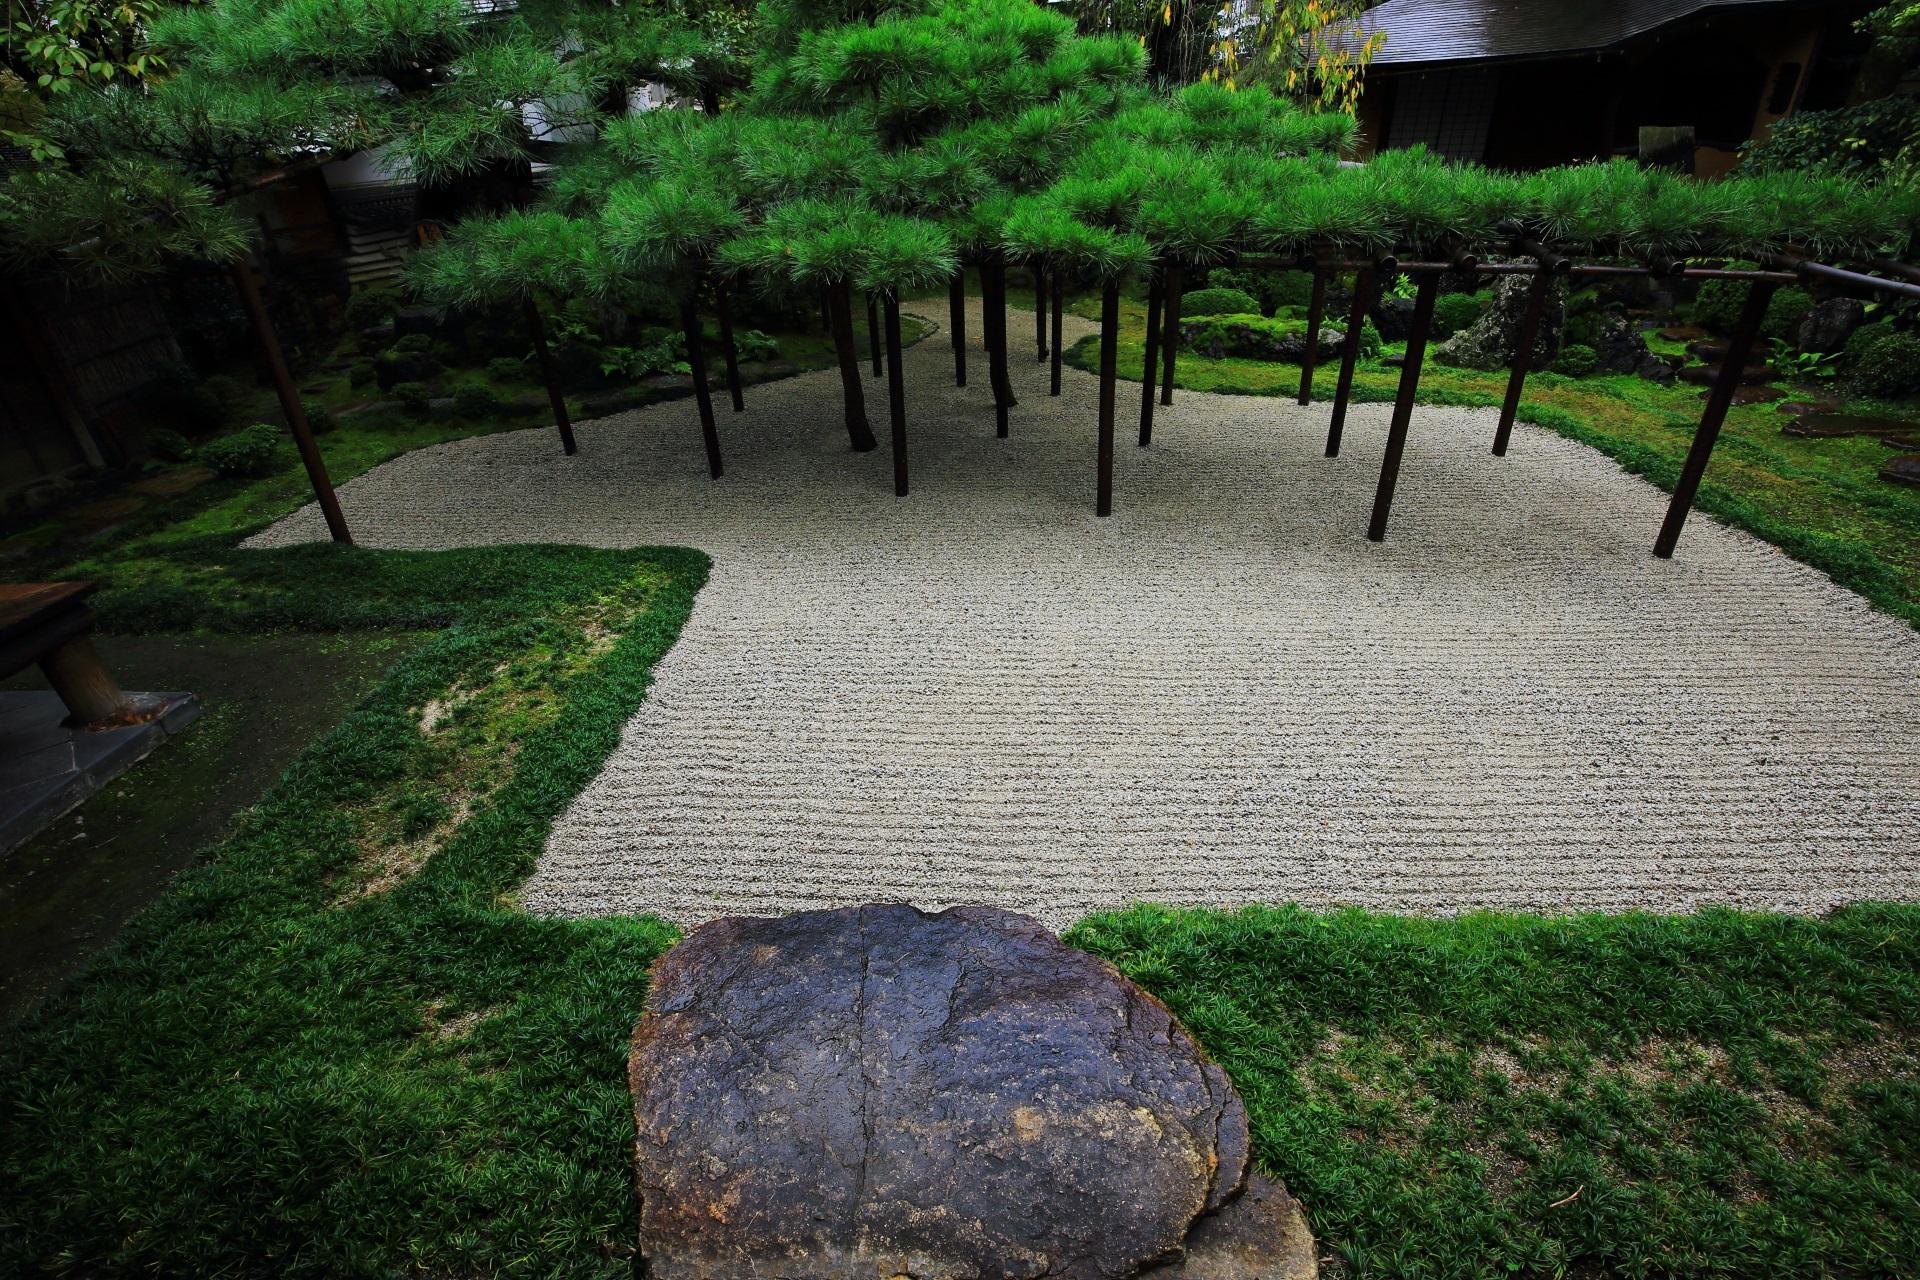 臥龍松の庭(がりょうしょうのにわ)